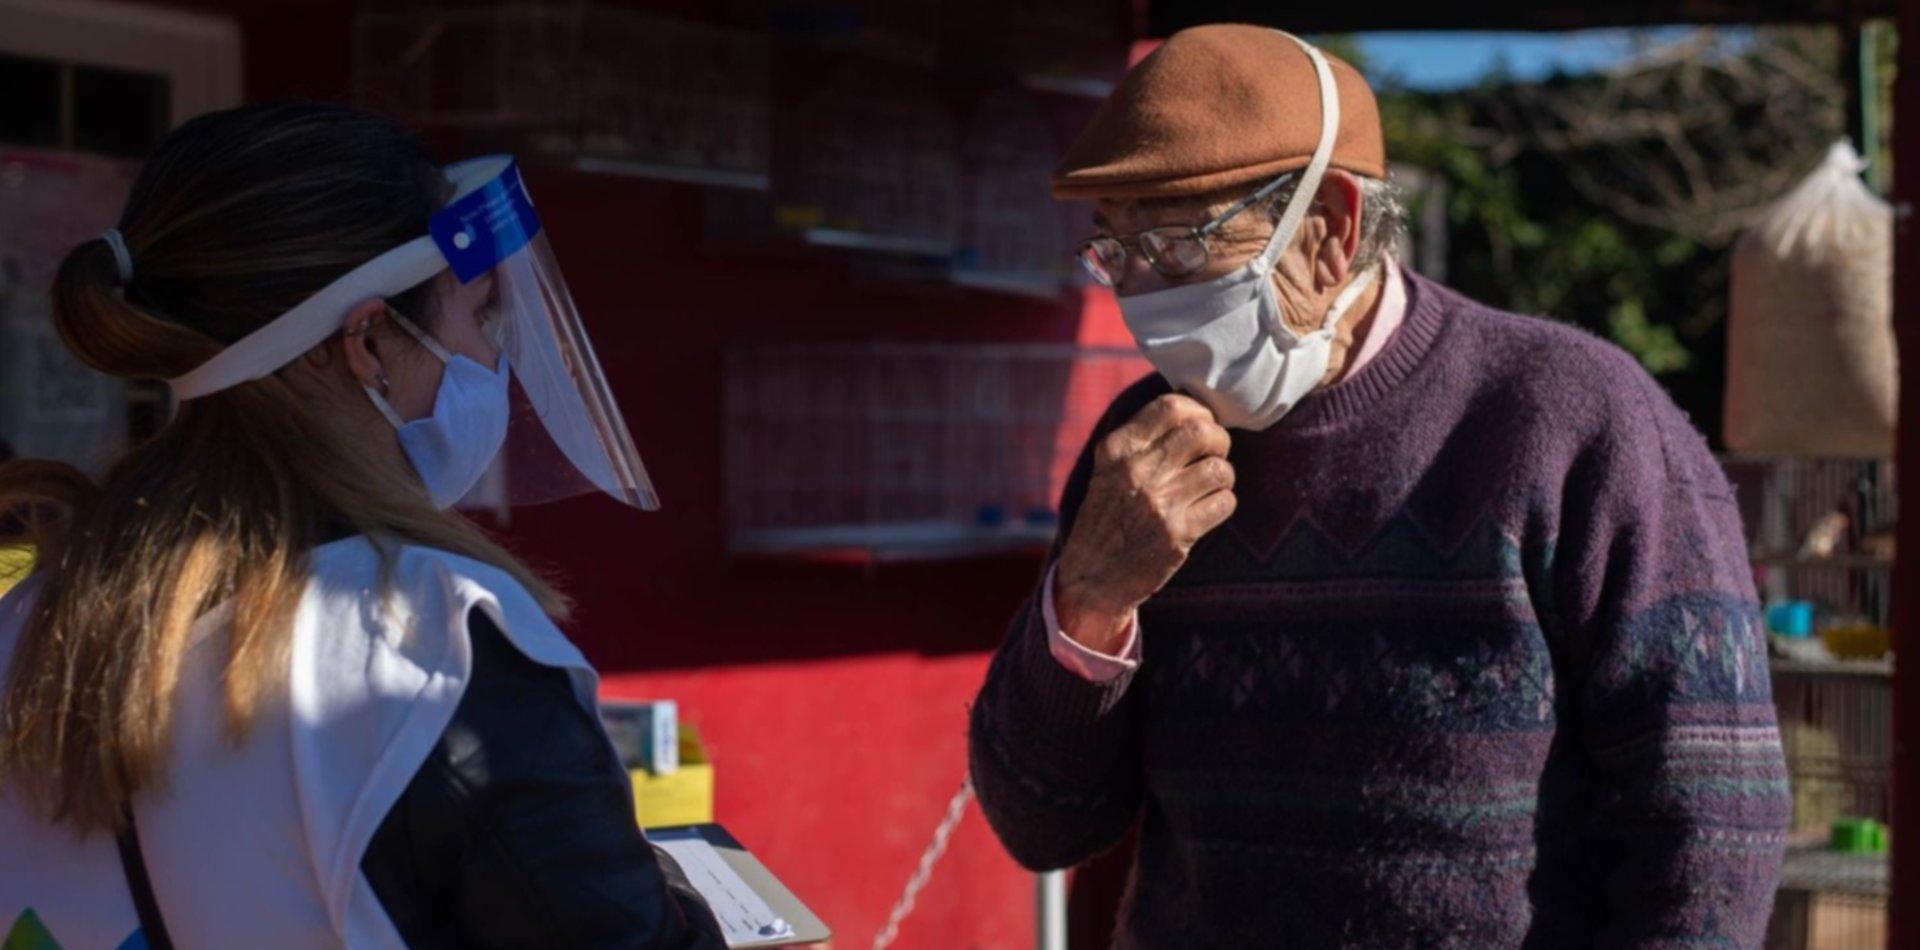 Aumentan los casos de COVID-19 en La Plata y así avanza la pandemia